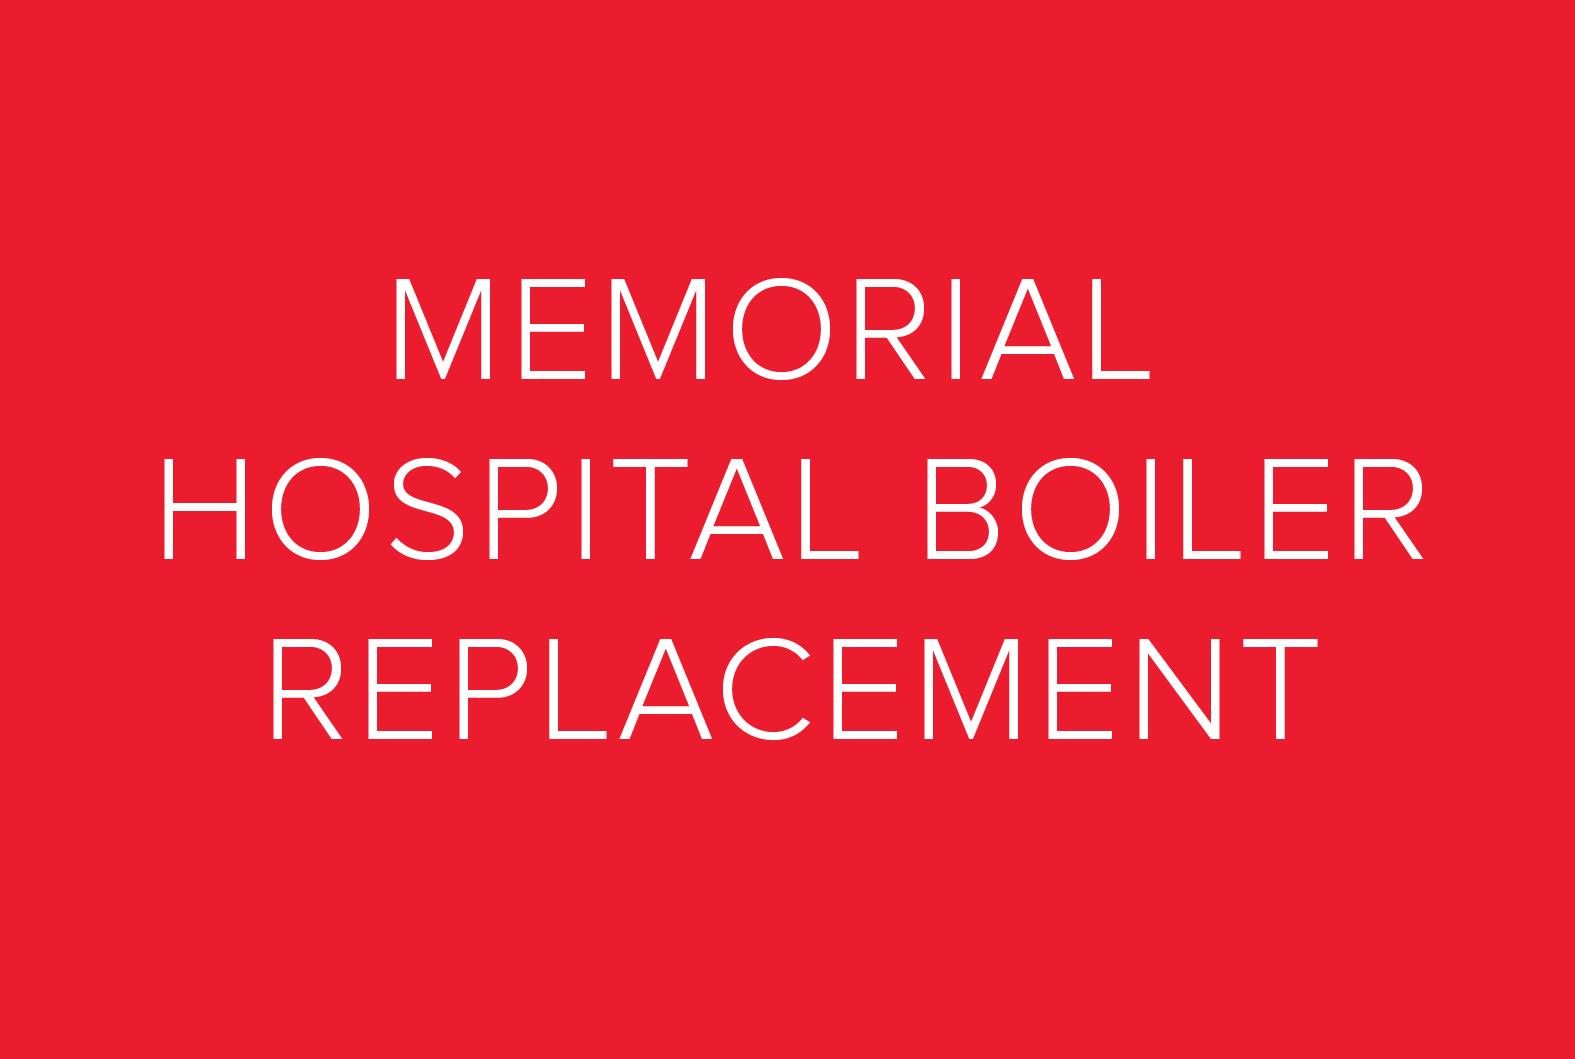 memorial boiler replacement.png